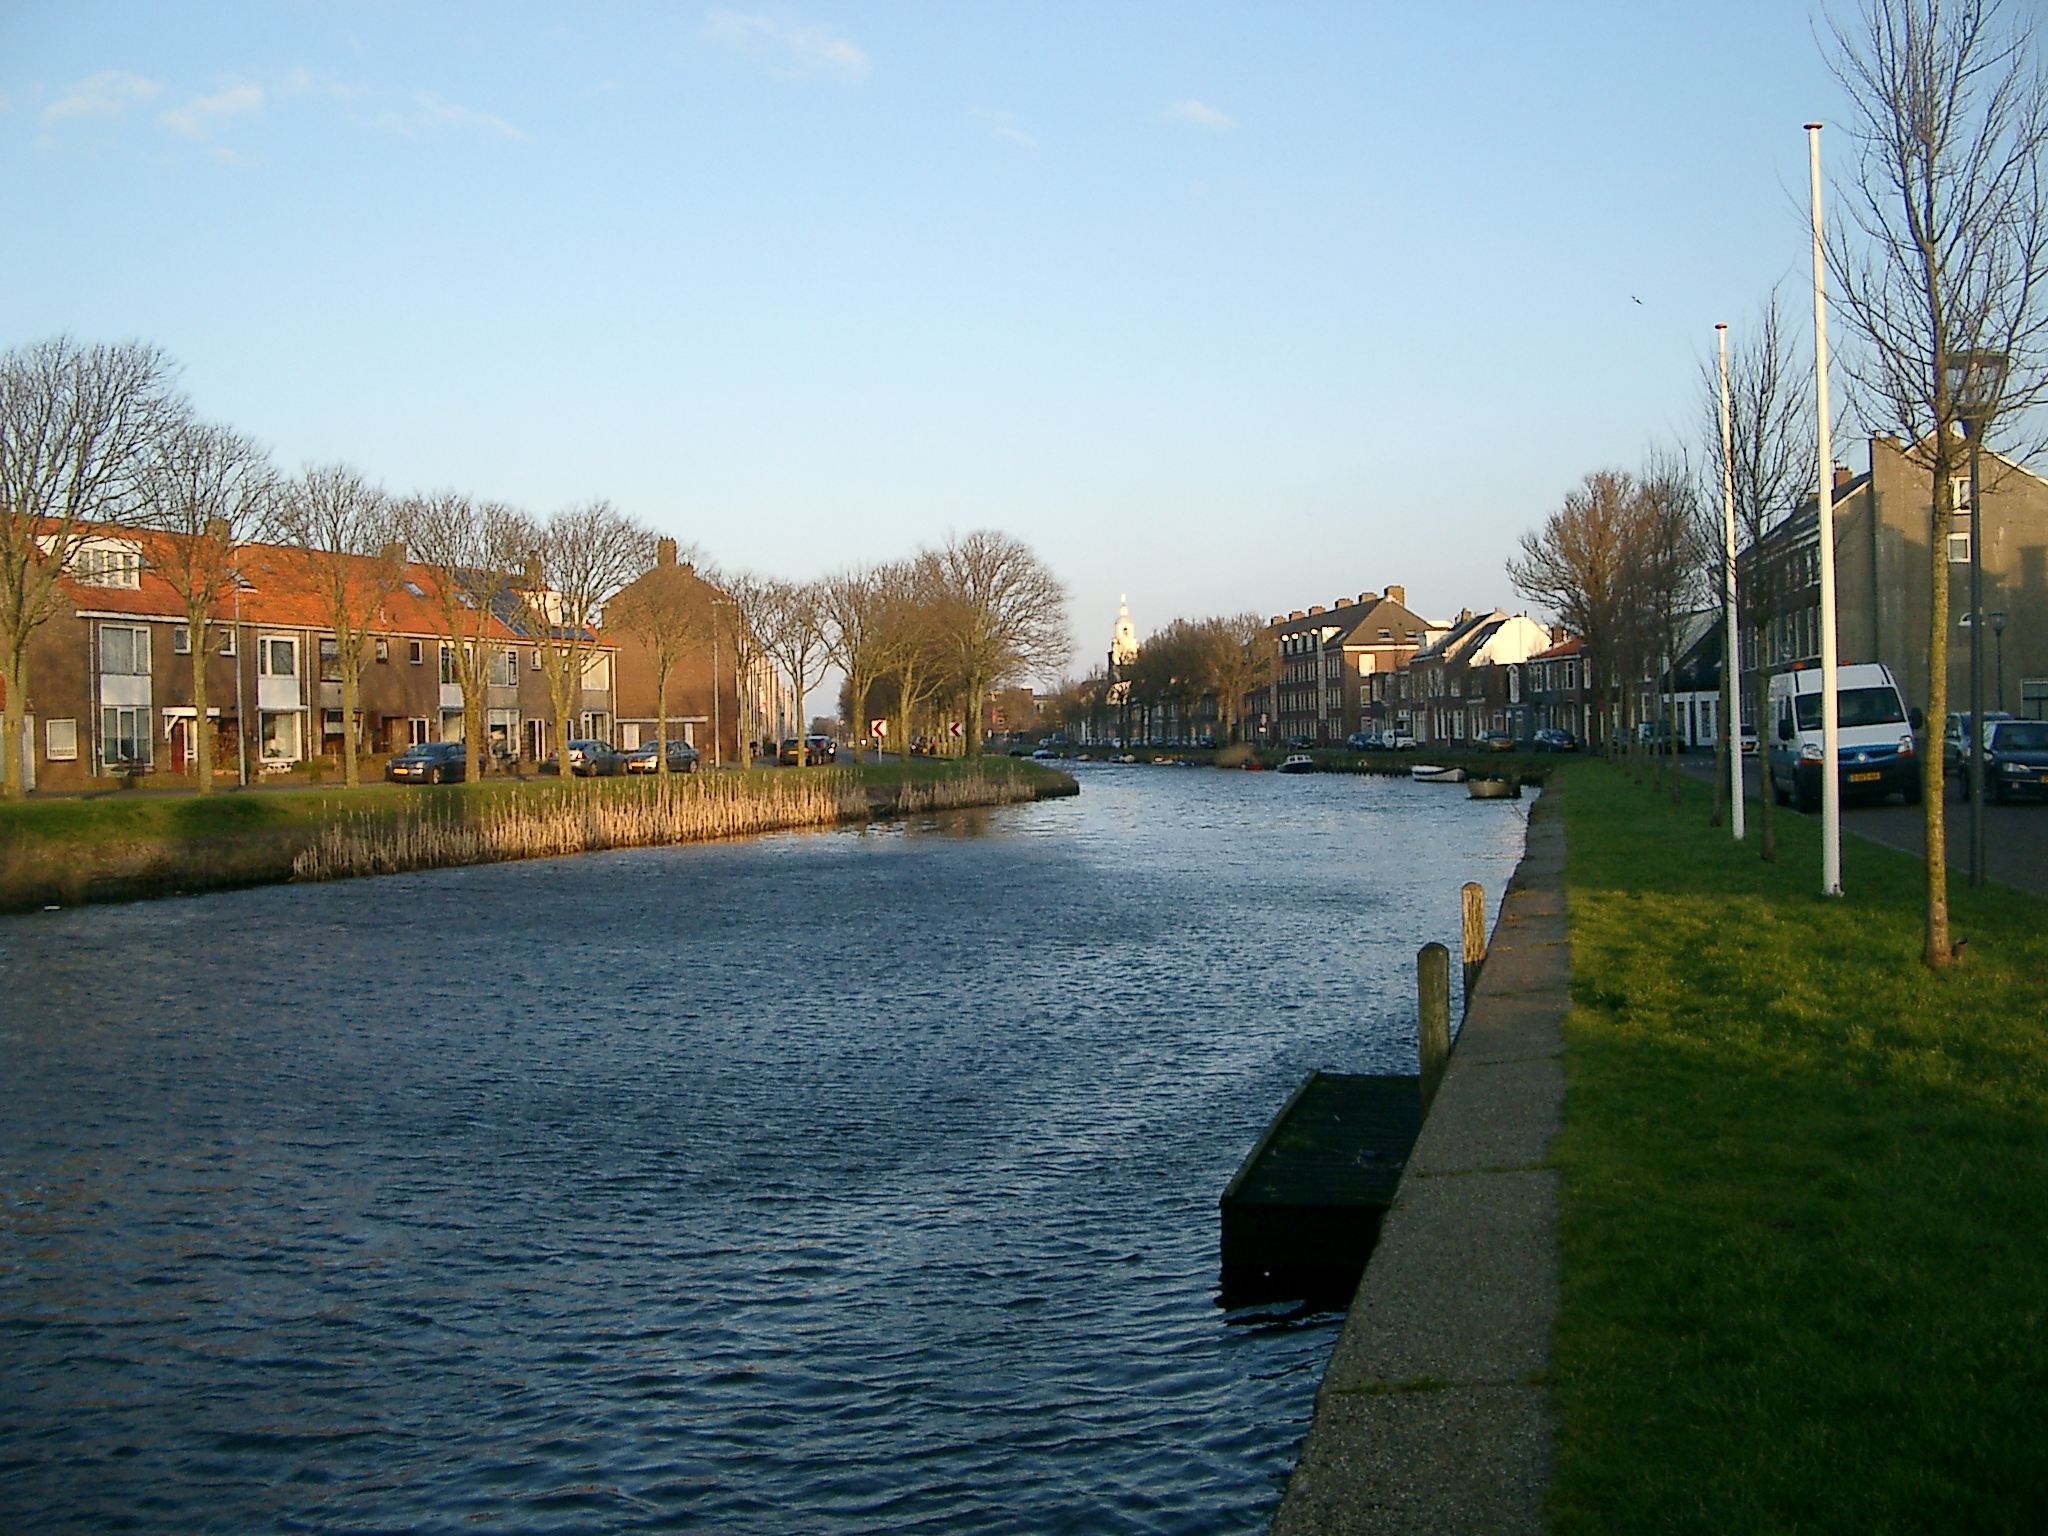 จบทริปด้วยรูปนี้ค่ะ ระหว่างเดินกลับมาขึ้นรถไฟ แม่น้ำในเมือง den helder ค่ะ